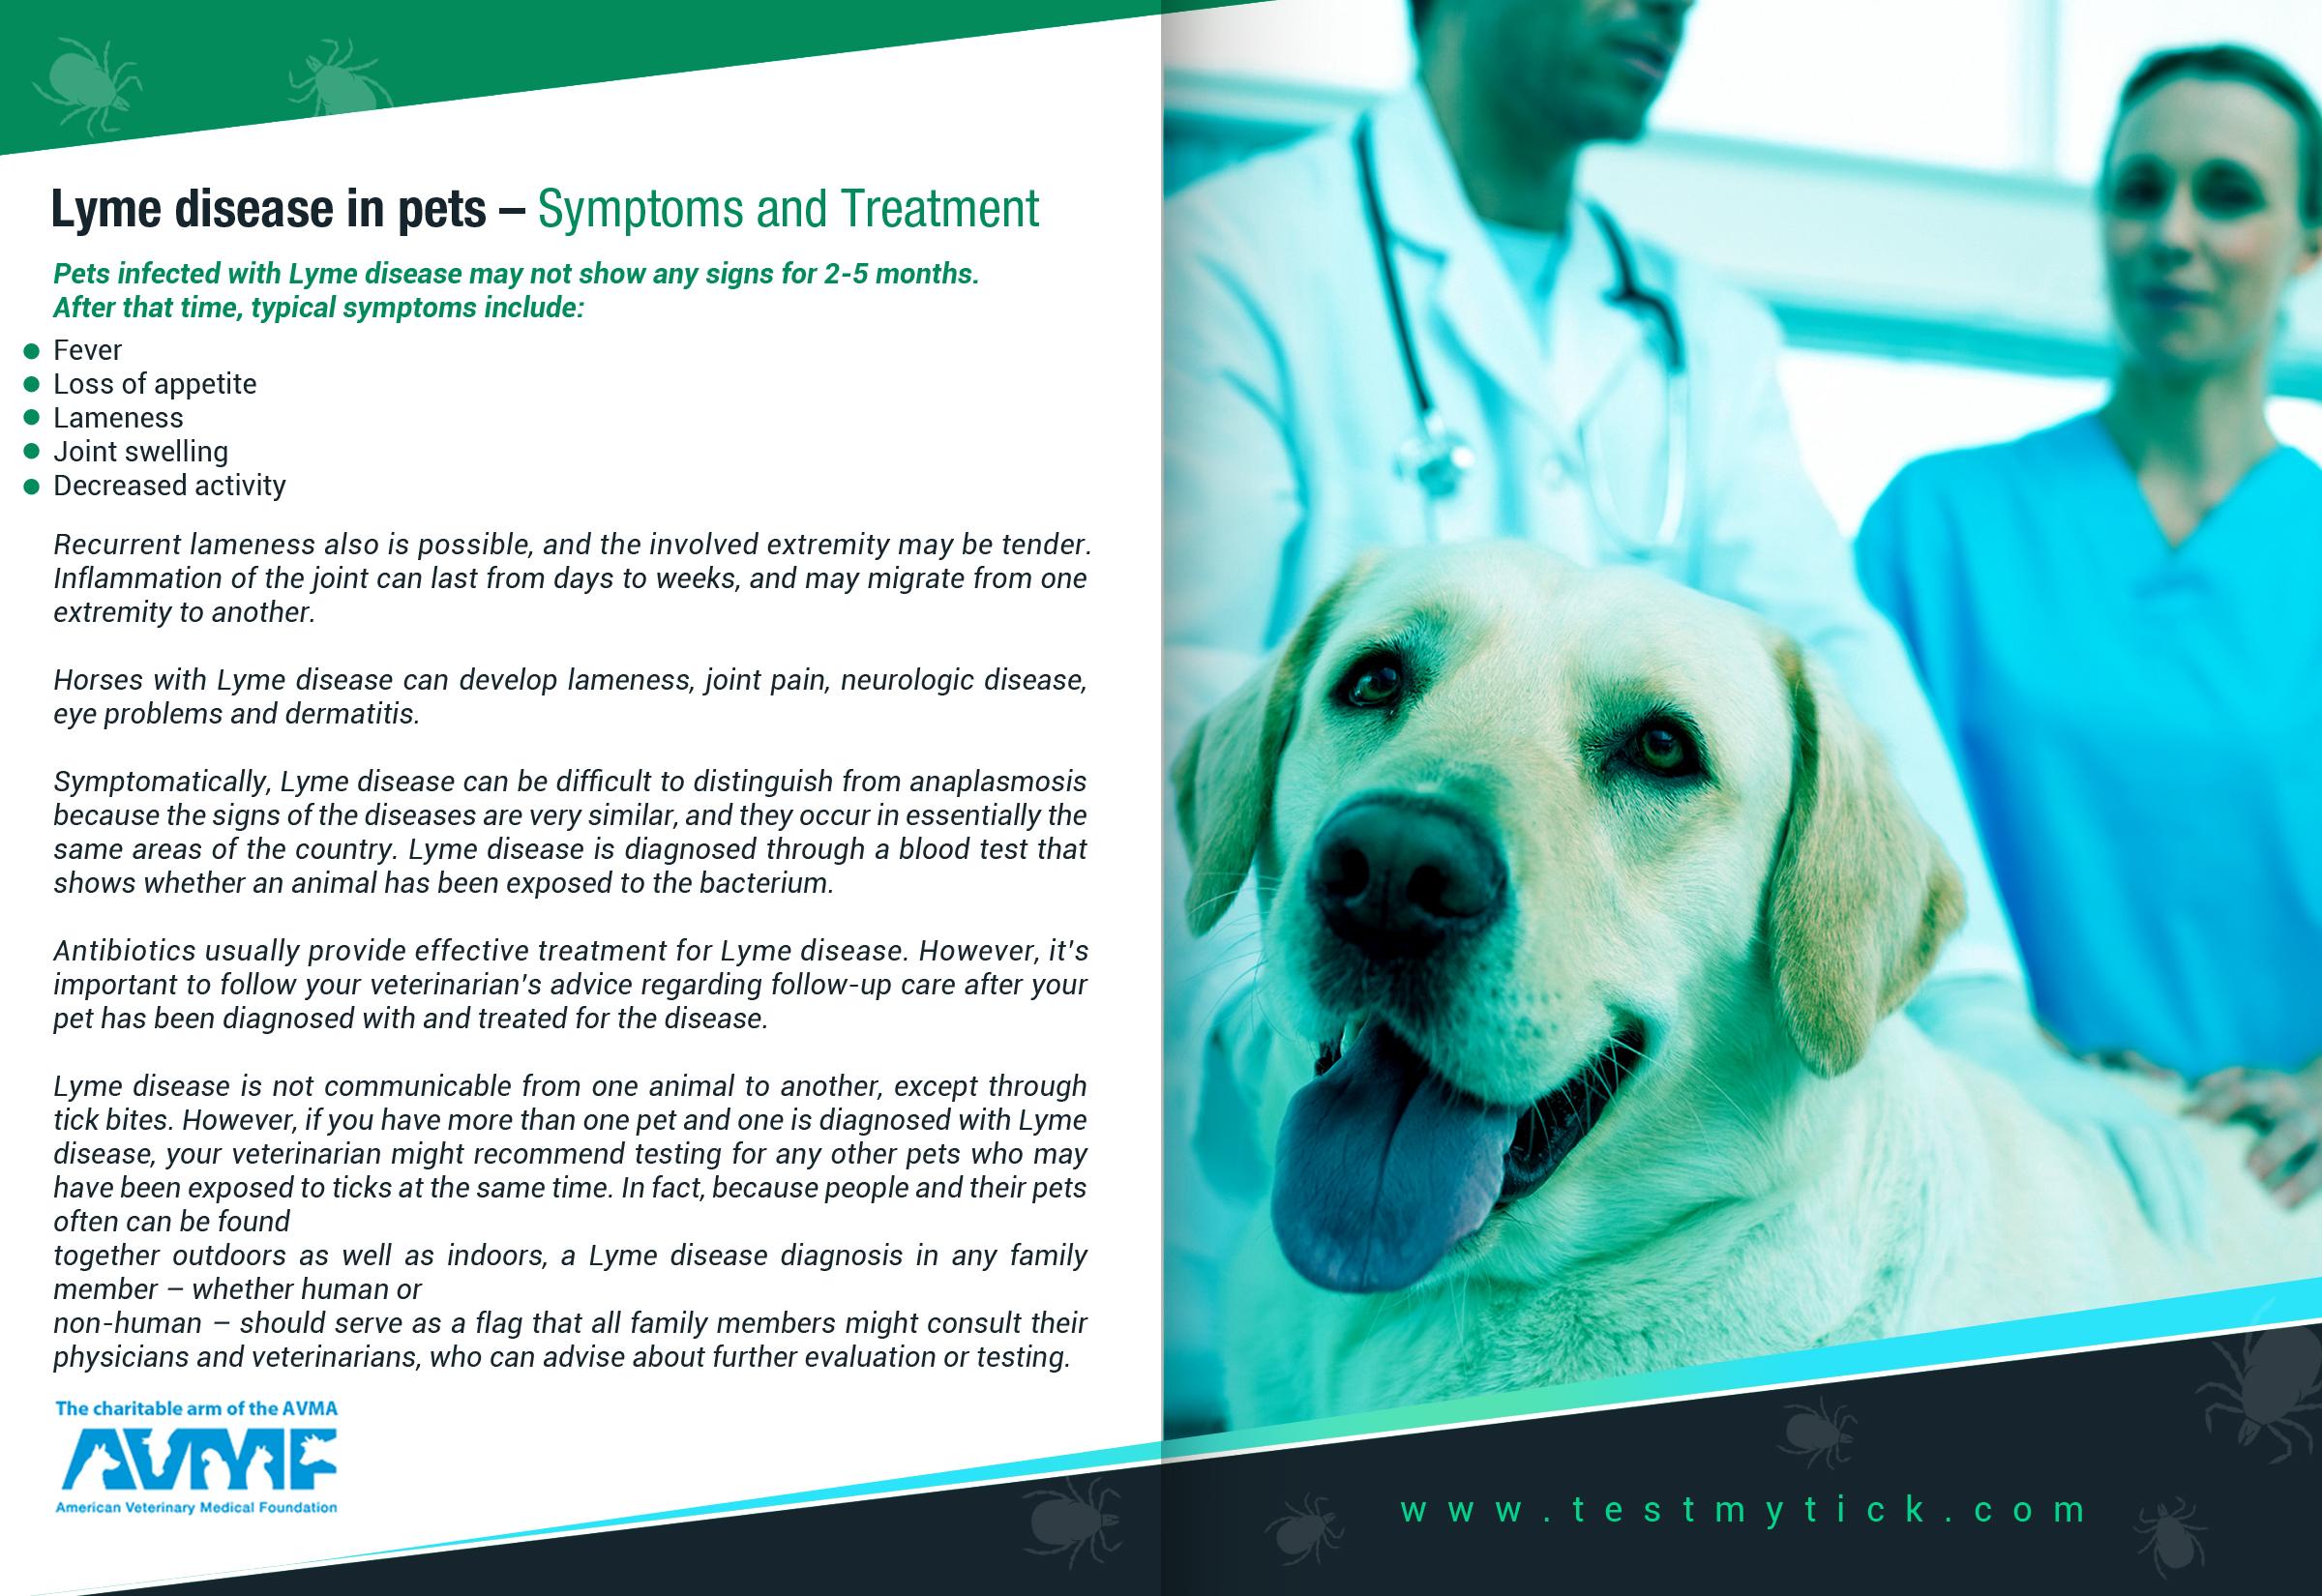 Tick Disease and Testing_Brochure_Inside_8_150617.jpg